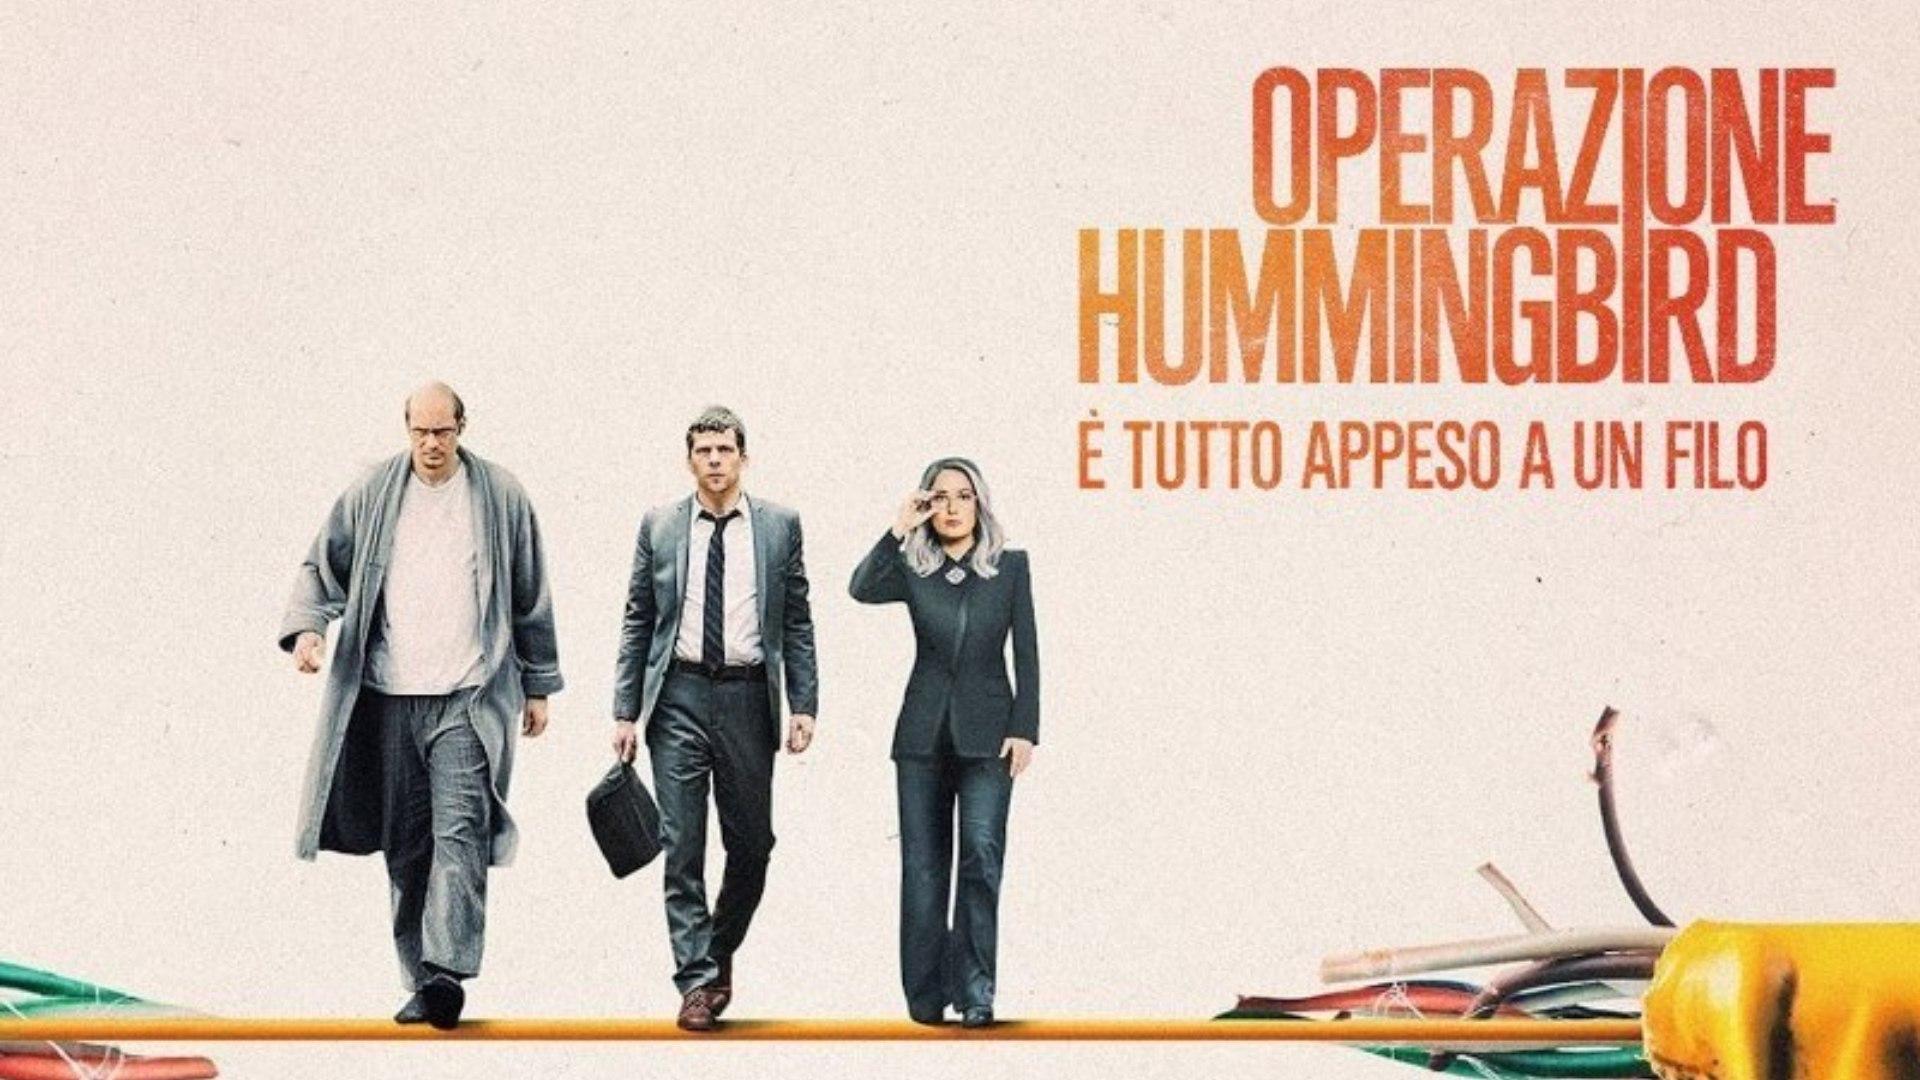 Domenica 1 Novembre 2020 Sky Cinema HD, Operazione Hummingbird